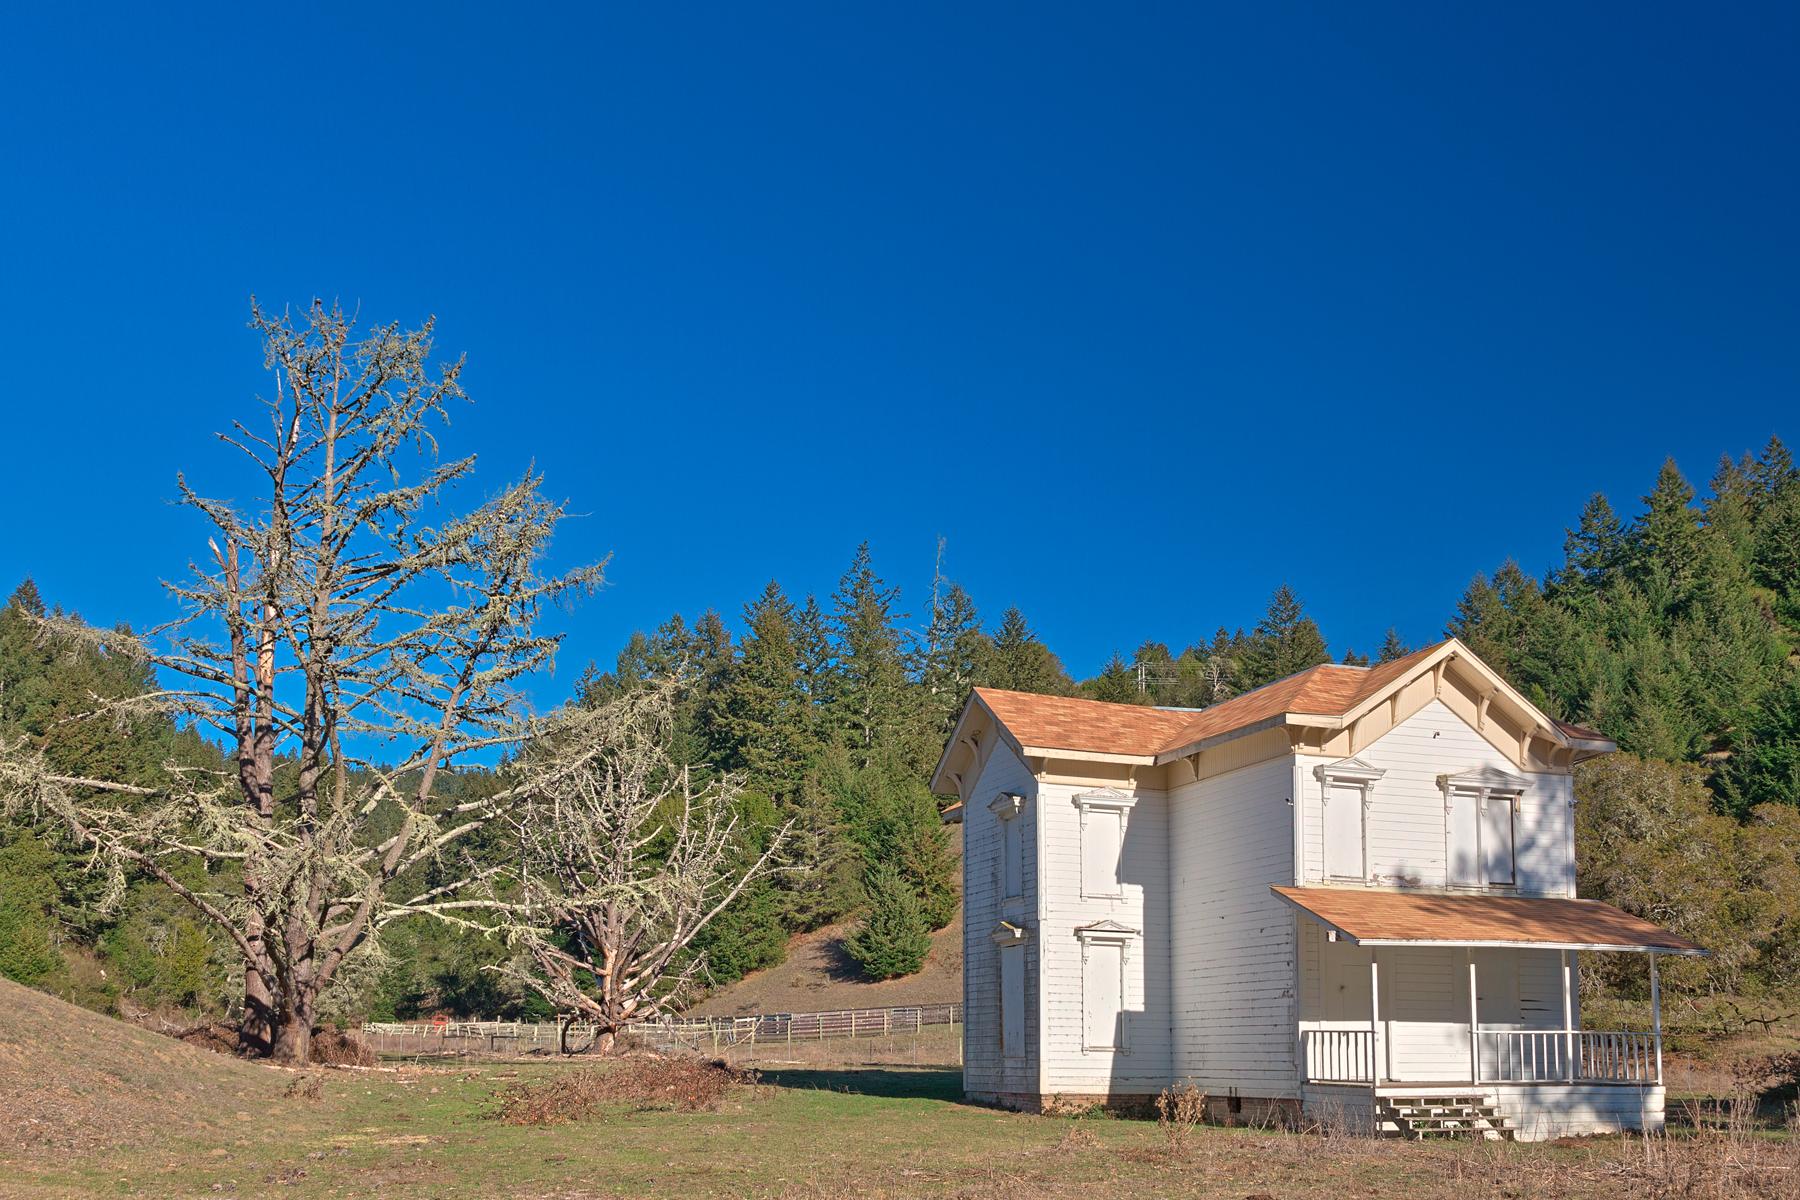 Abandoned property - hdr photo